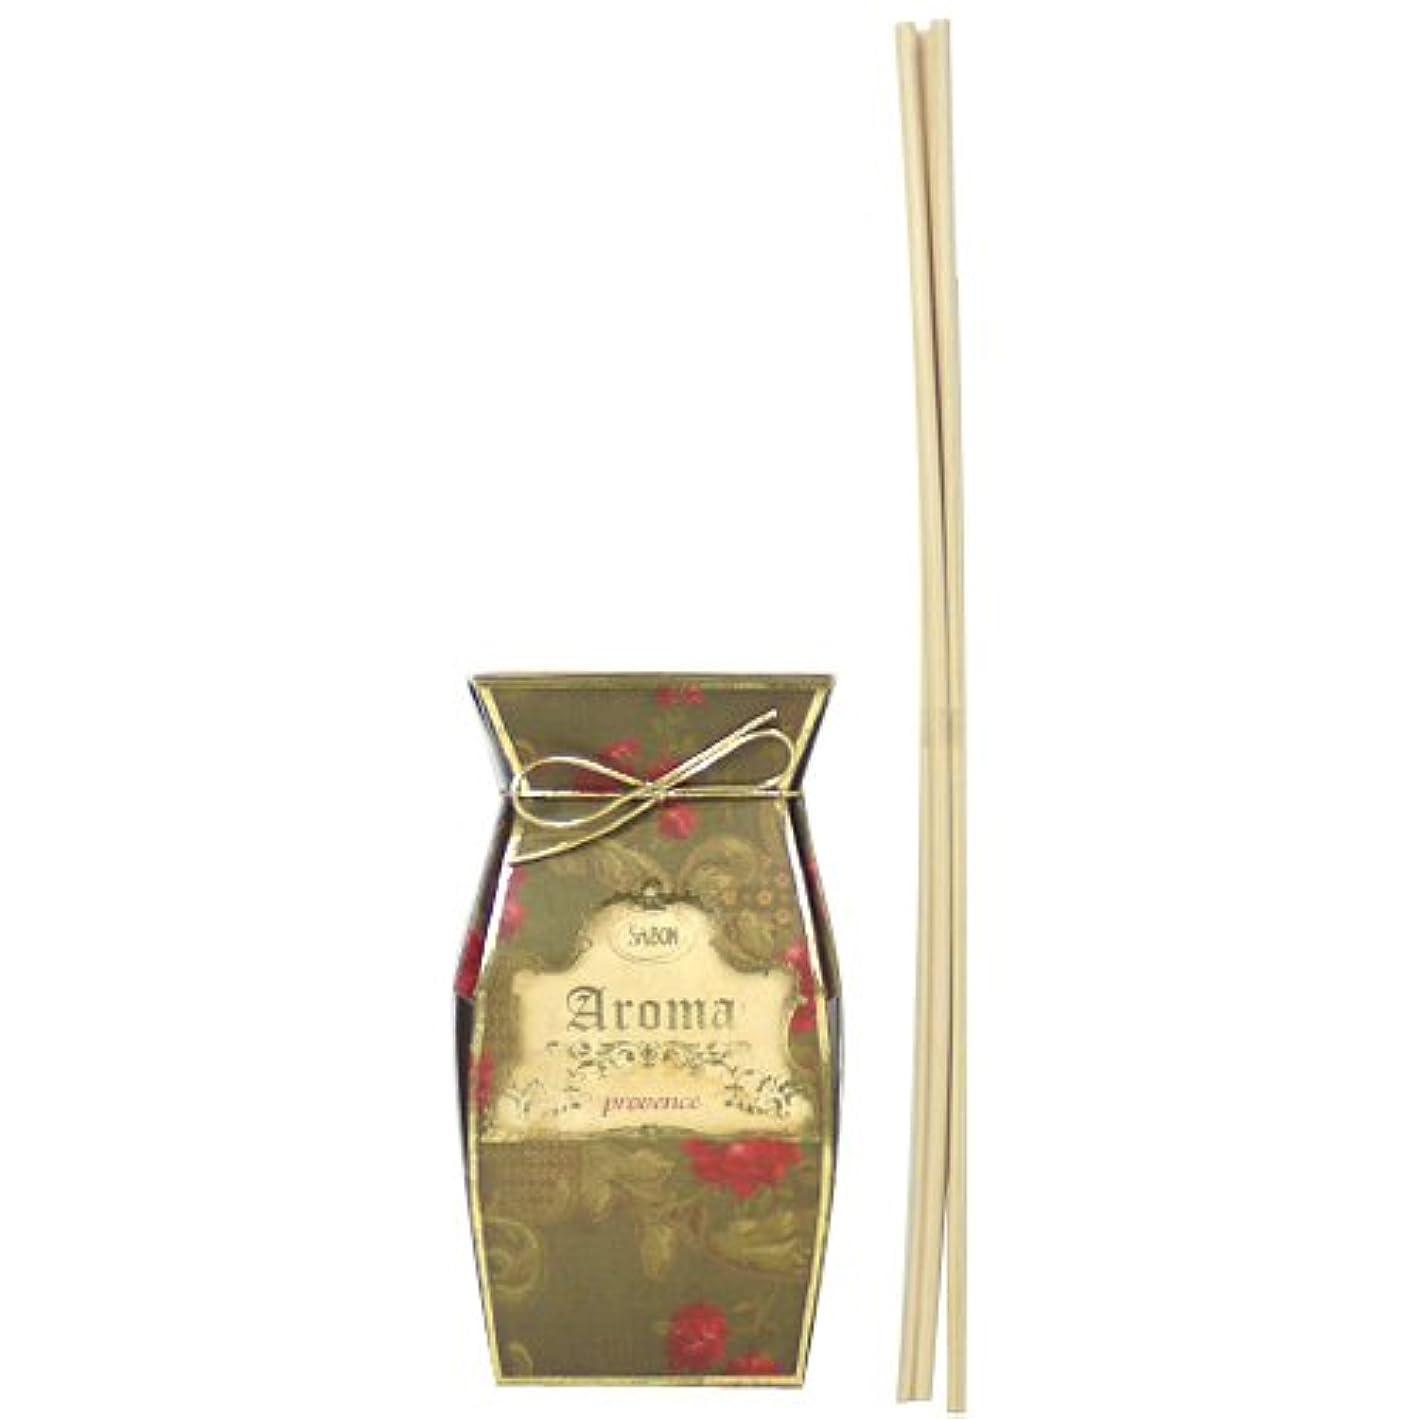 降臨首相沈黙サボン SABON アロマ ディフューザー プロバンス Lavender スティック付き 250ml